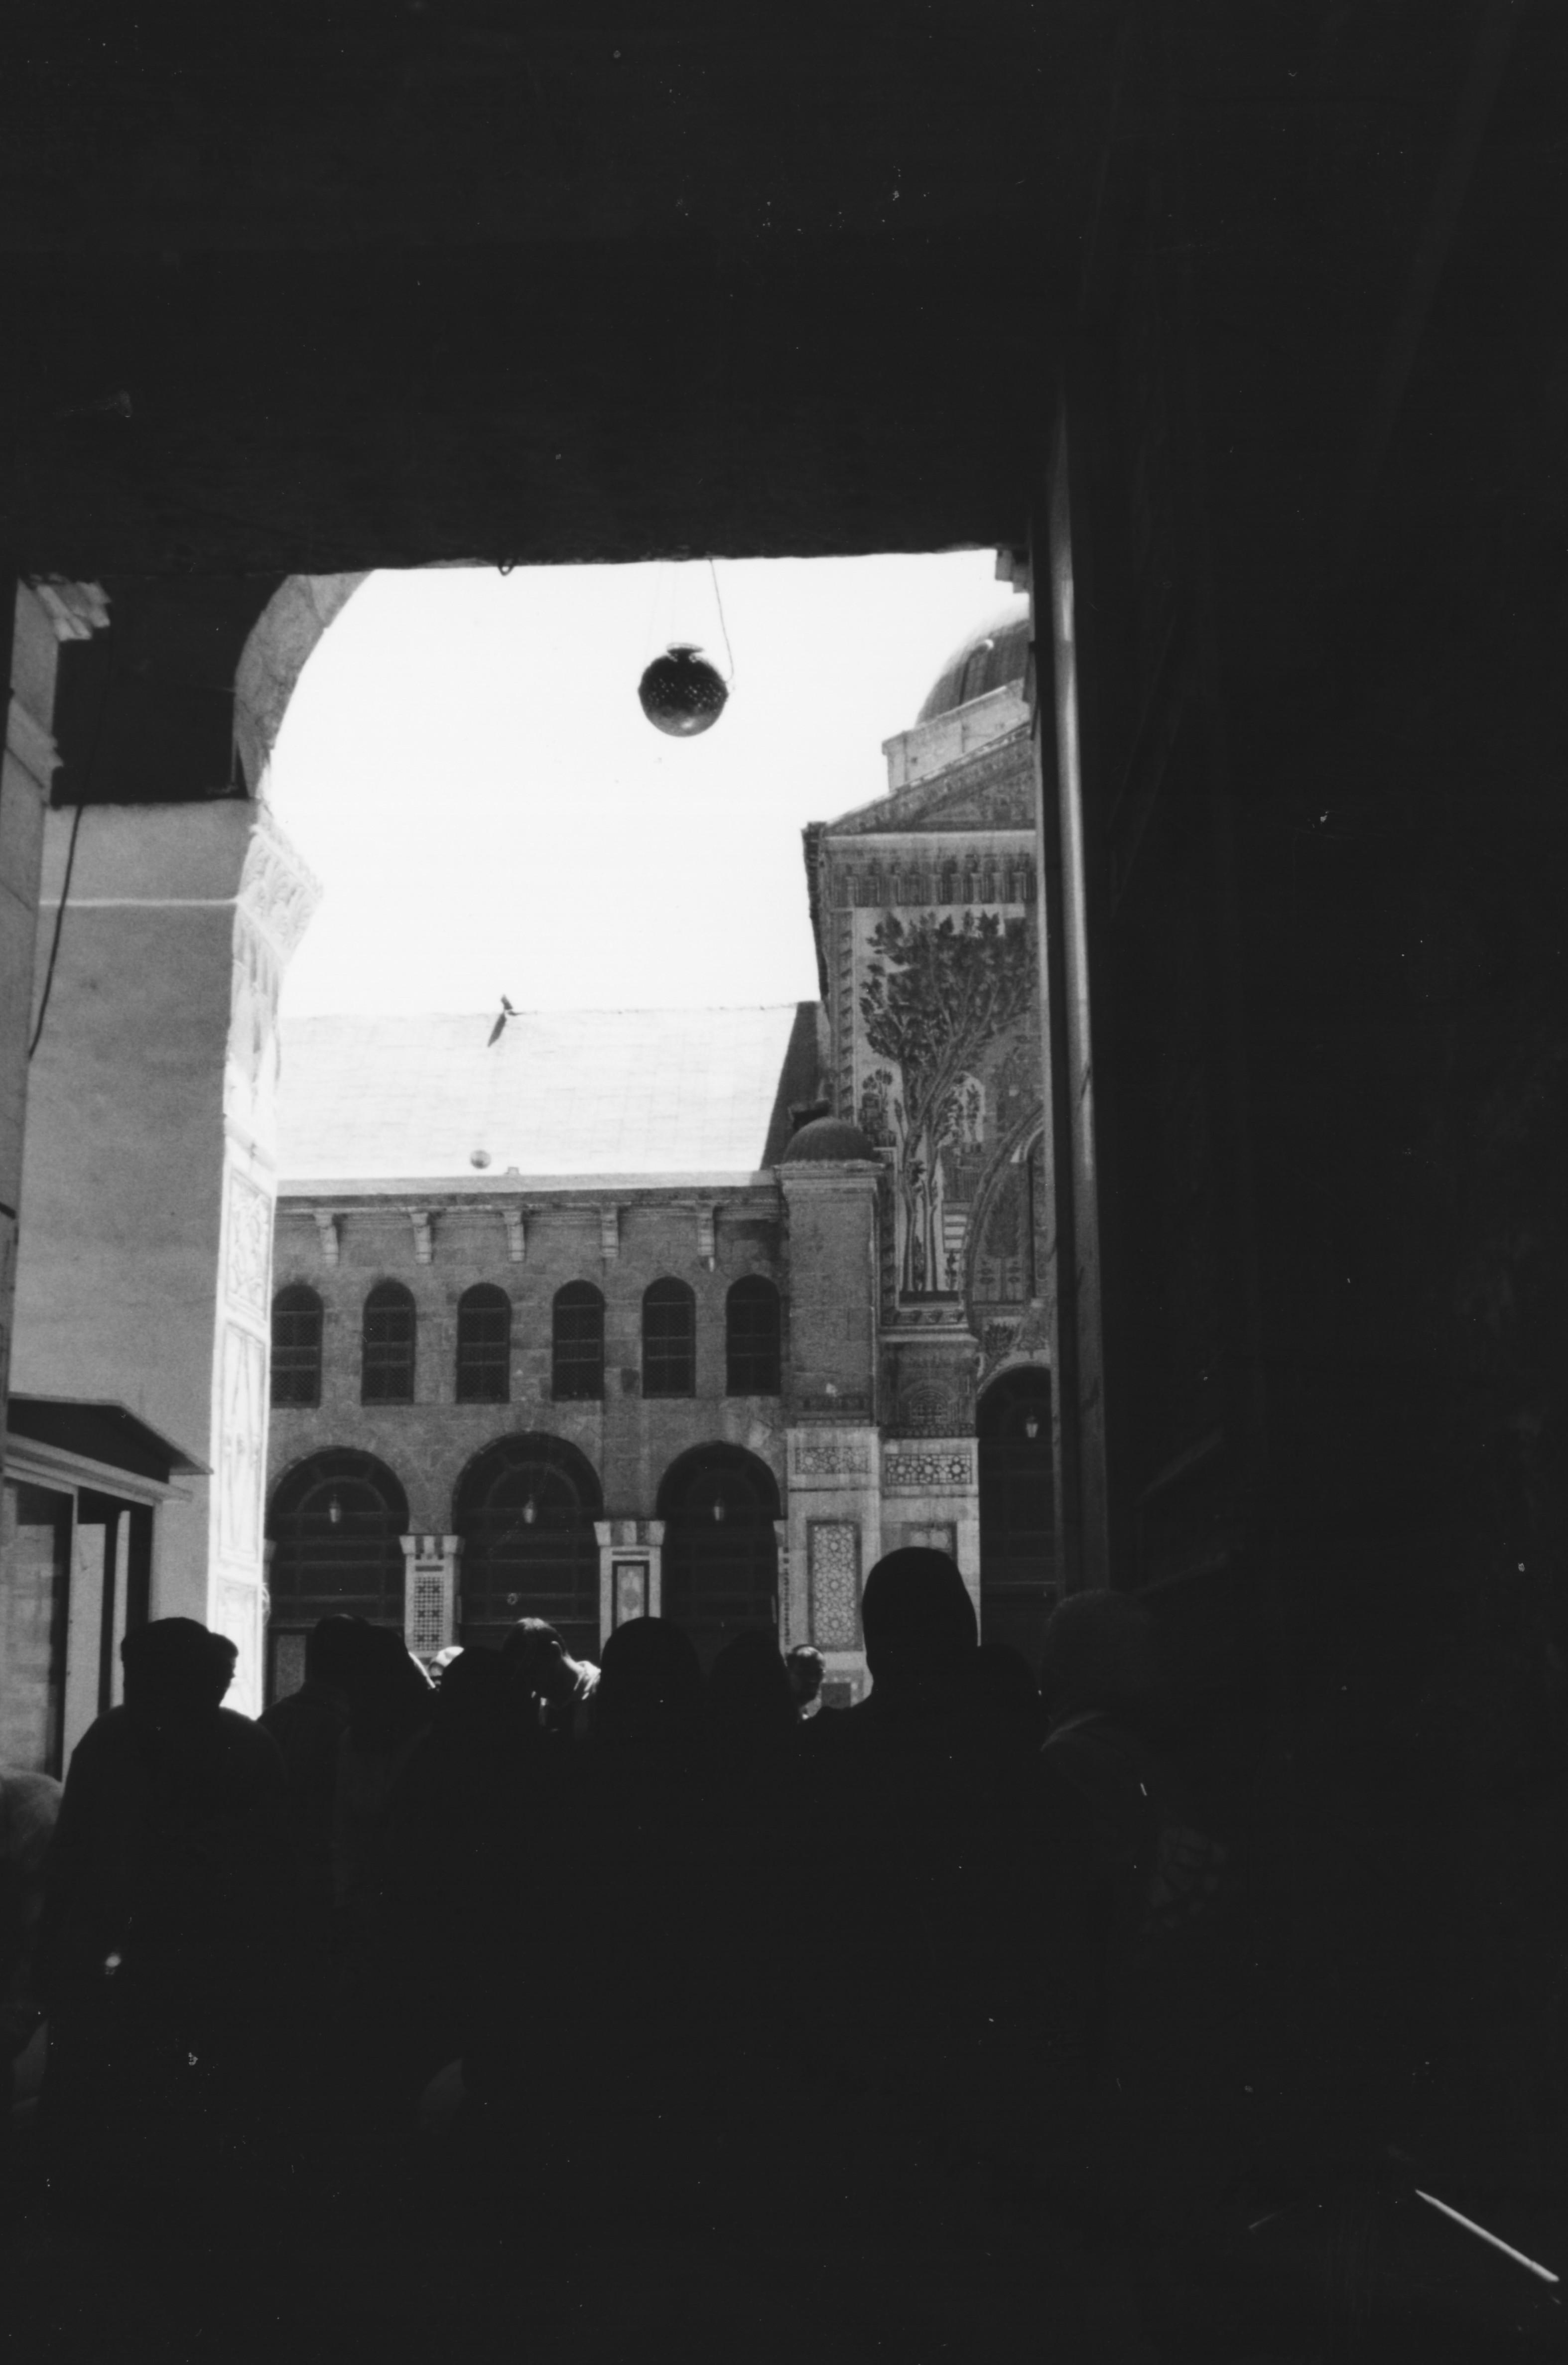 Foto di Valentina Perniciaro  _Il portone d'ingresso della Moschea Omayyade di Damasco_